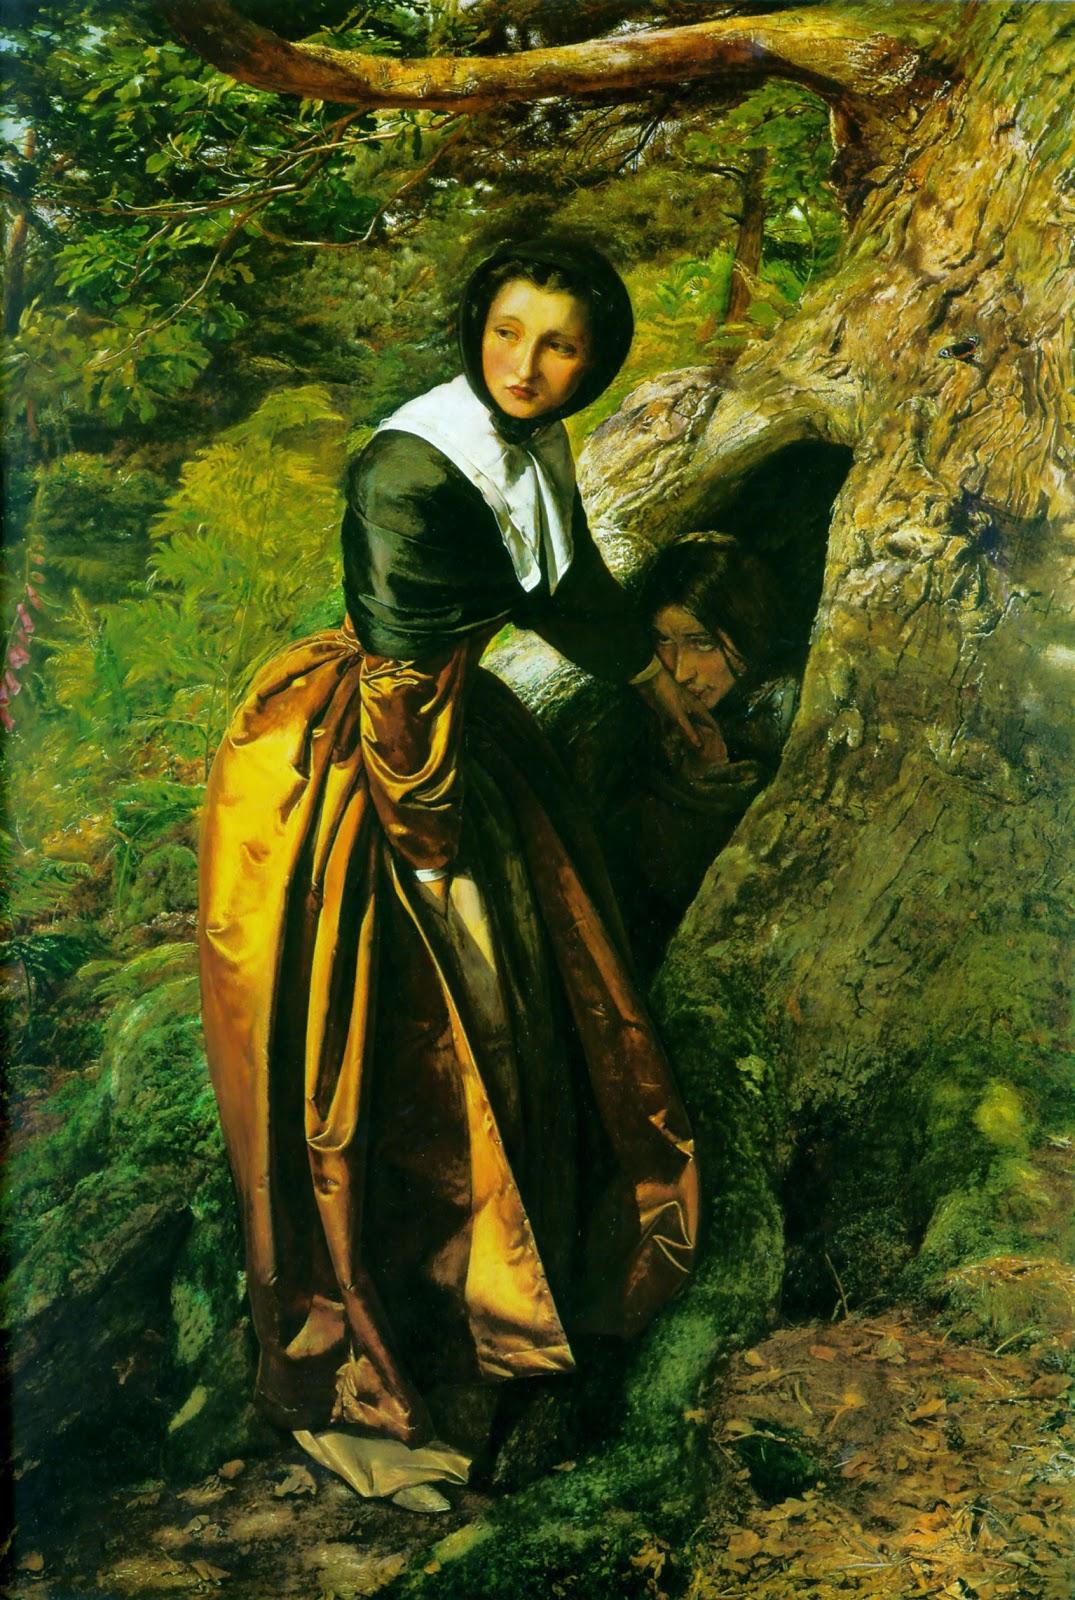 Ophelia Painting Arthur Hughes Arthur hughes meets millaisOphelia Painting Arthur Hughes